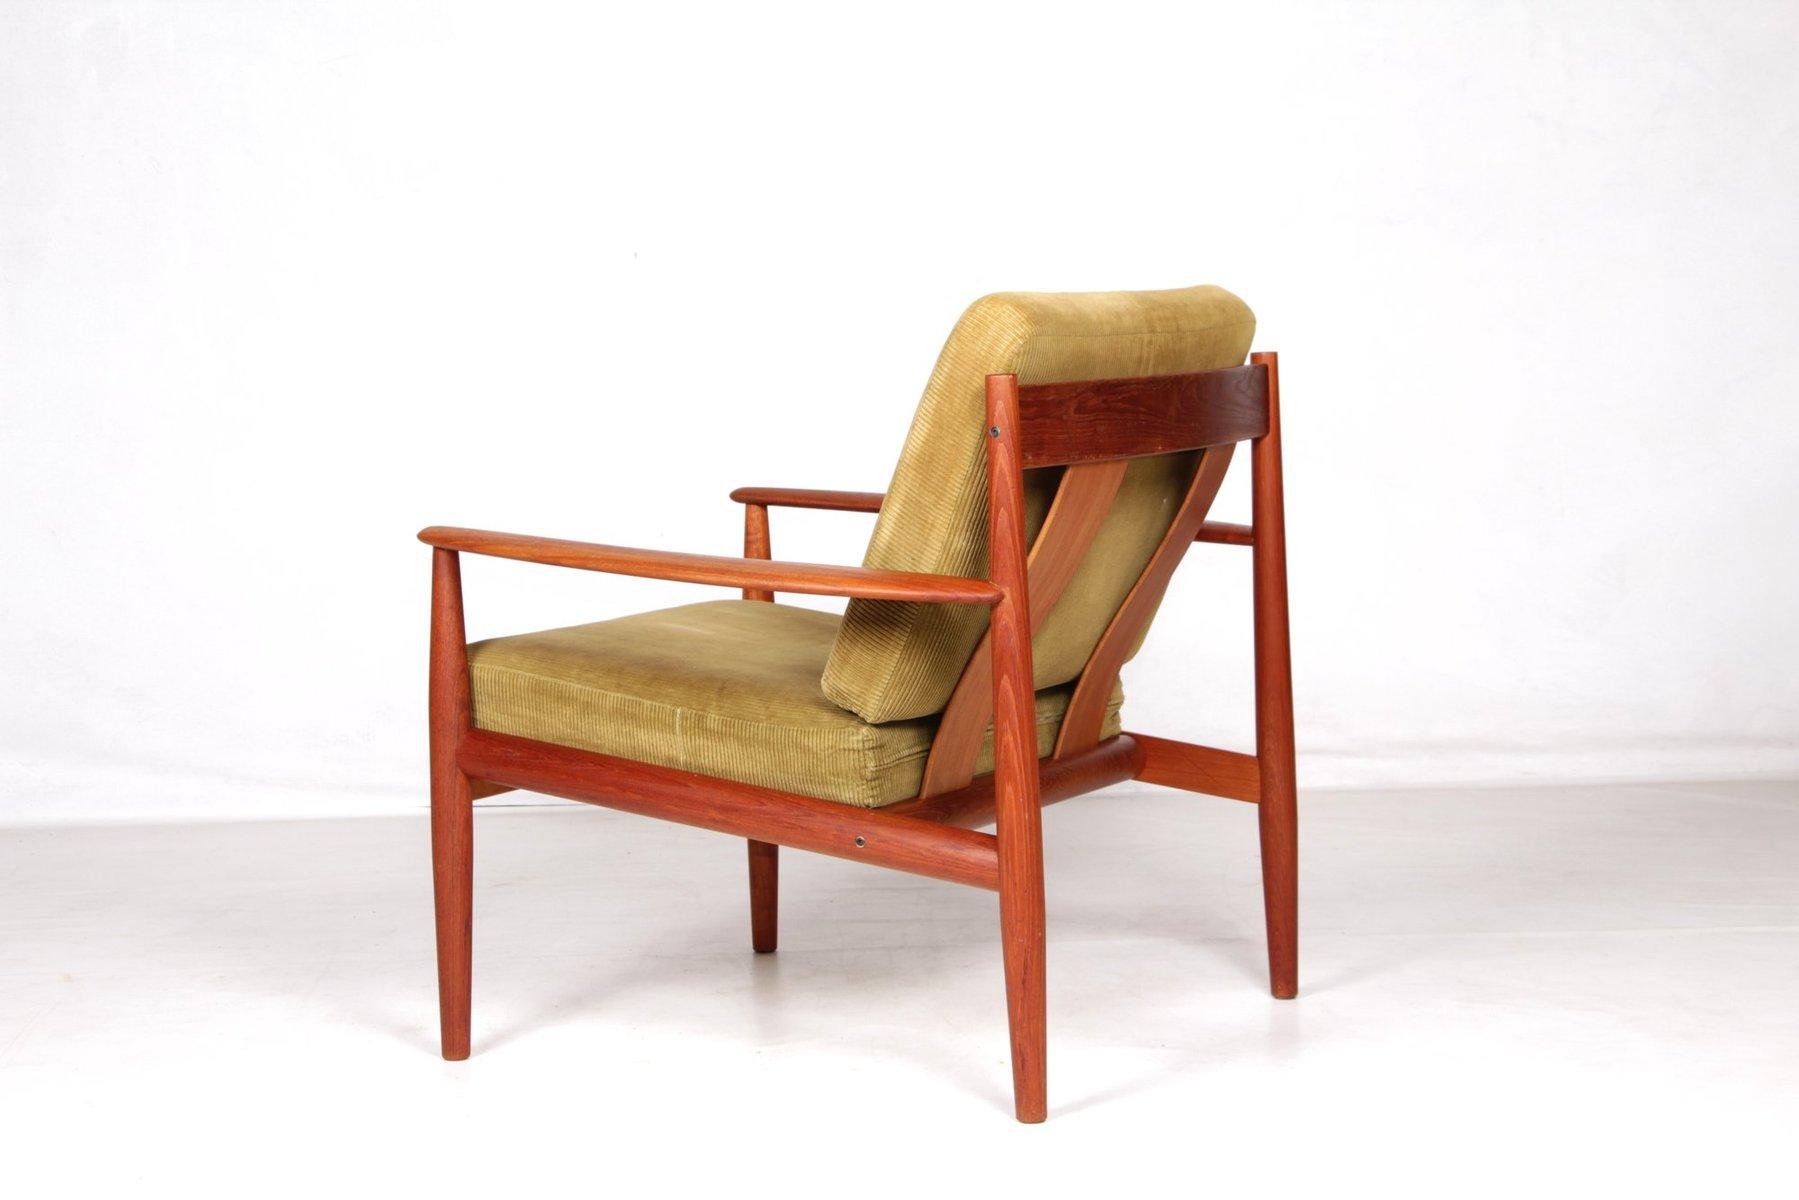 fauteuil club en teck par grete jalk pour france s n 1960s en vente sur pamono. Black Bedroom Furniture Sets. Home Design Ideas